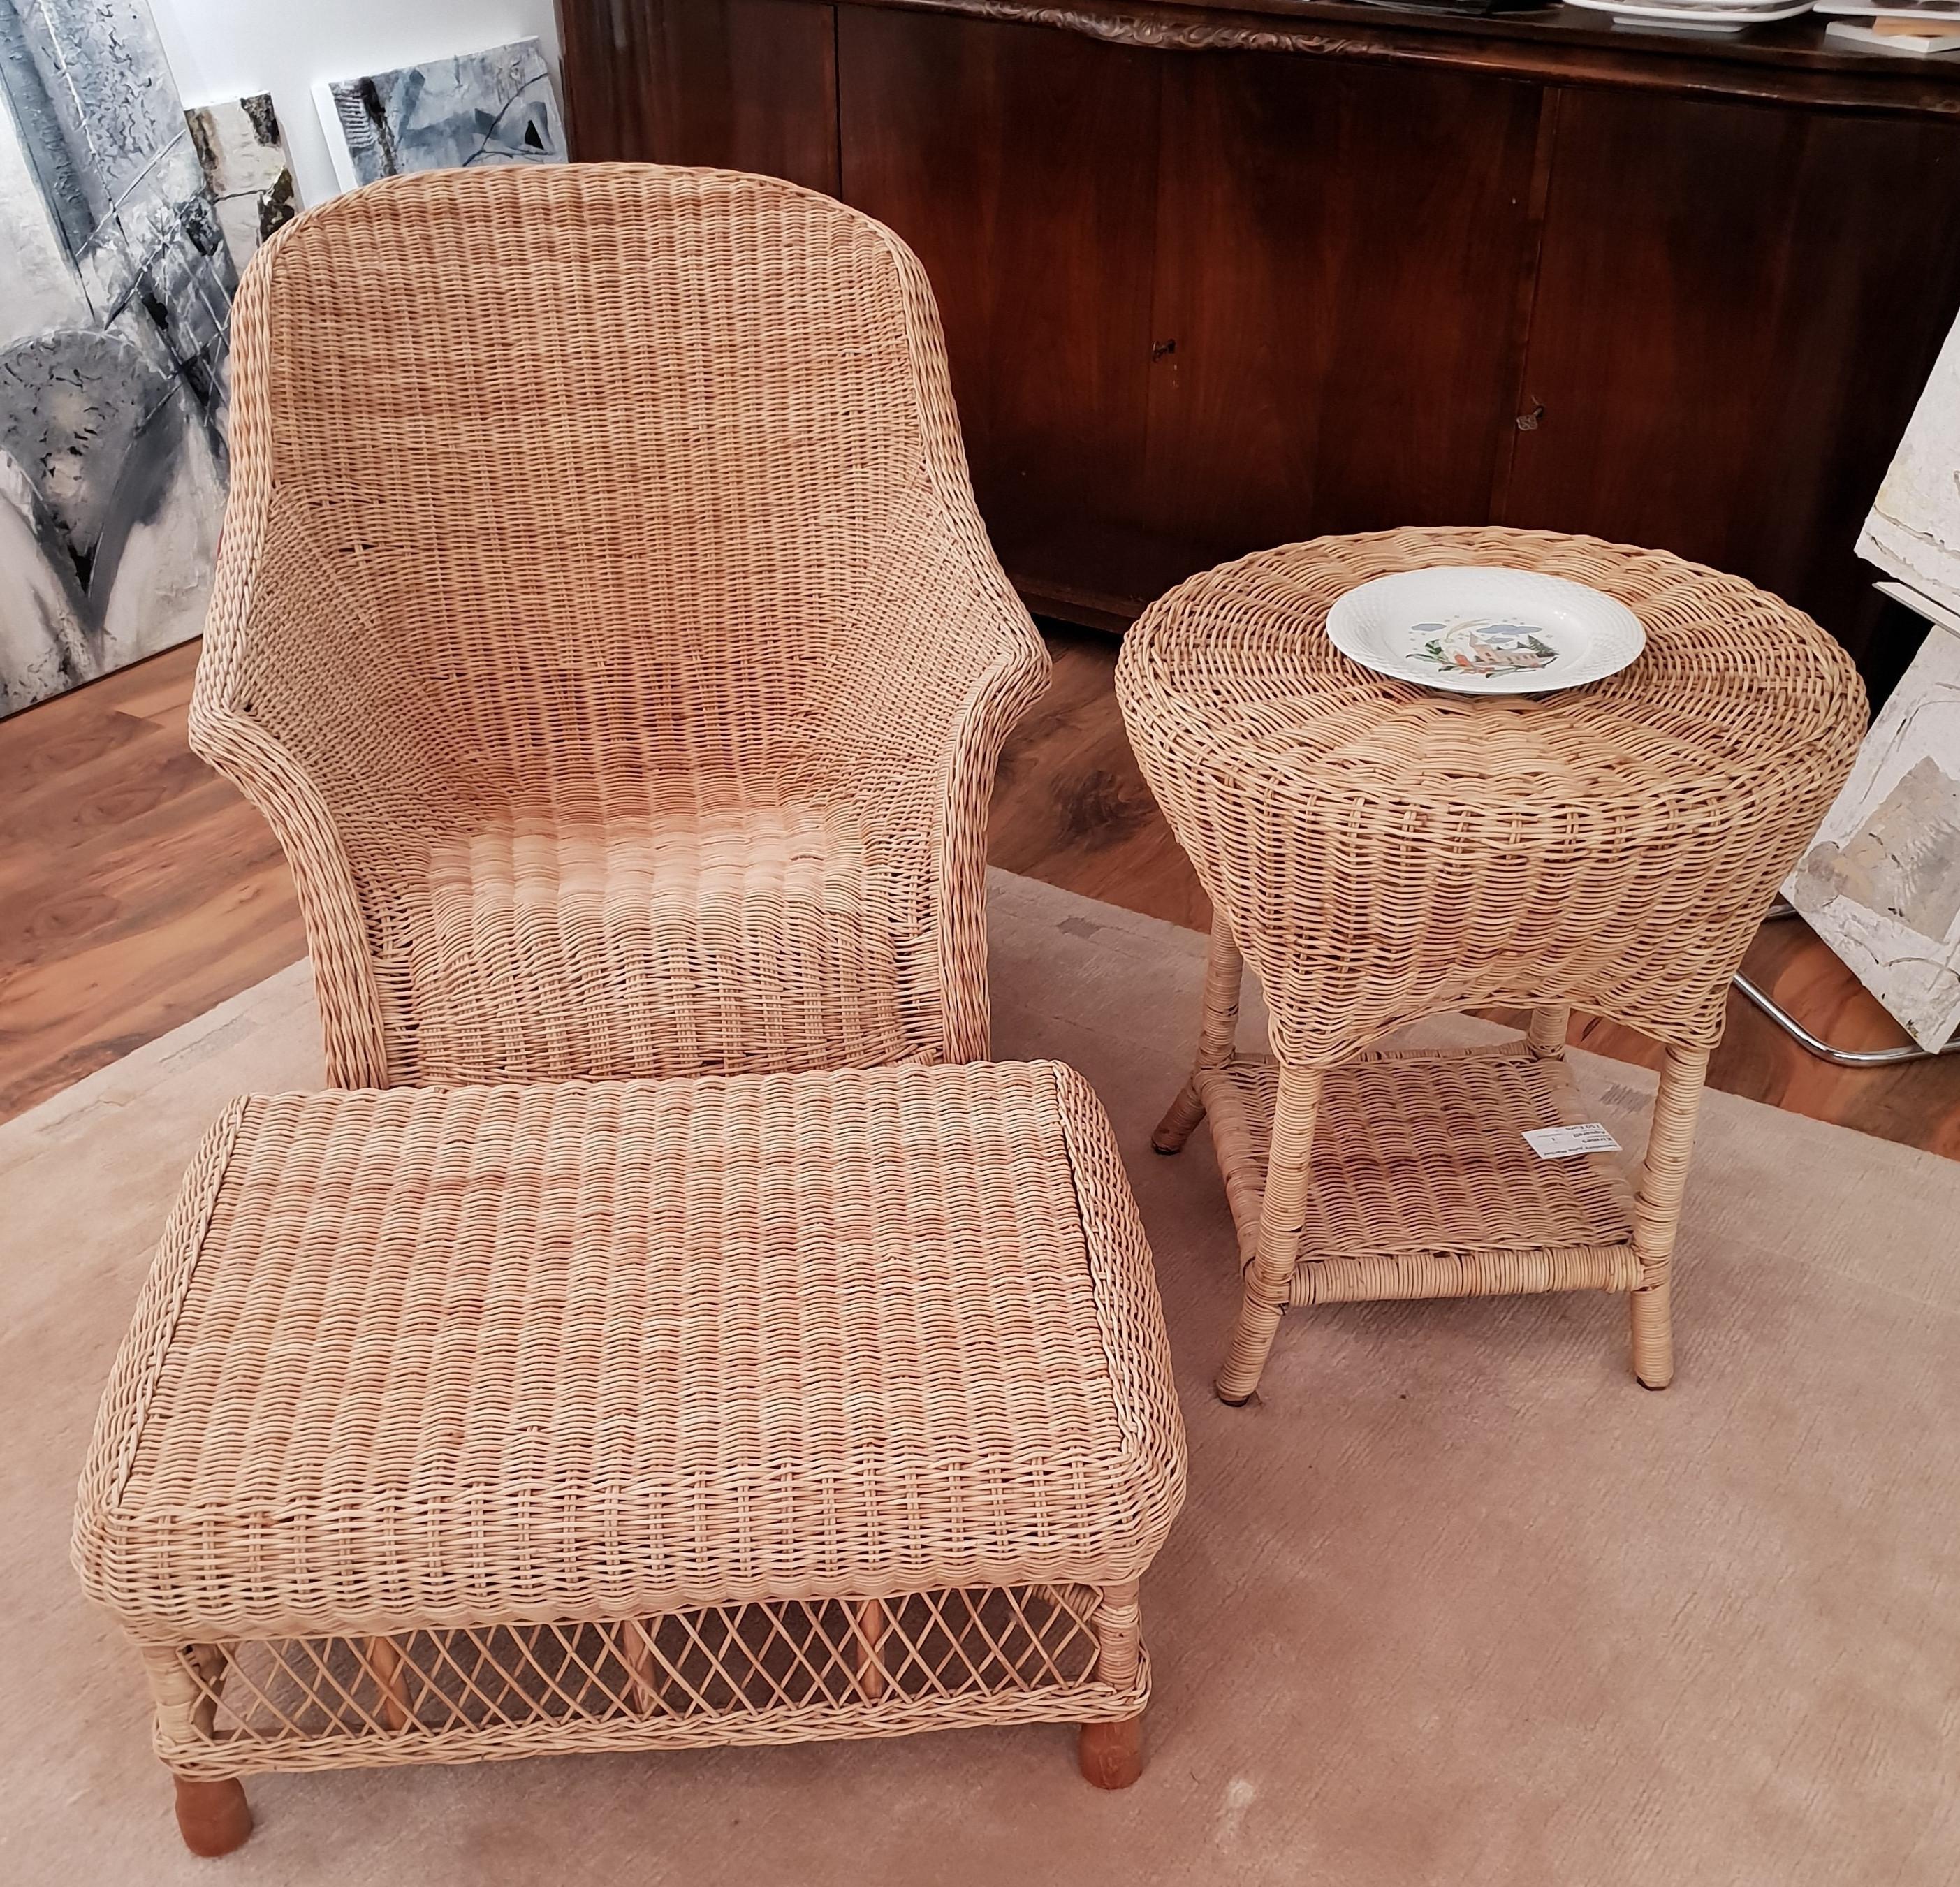 Korbgeflechtensemble natur mit Sessel, Hocker und Tisch, NR_Haushalt, als Deko genutzt